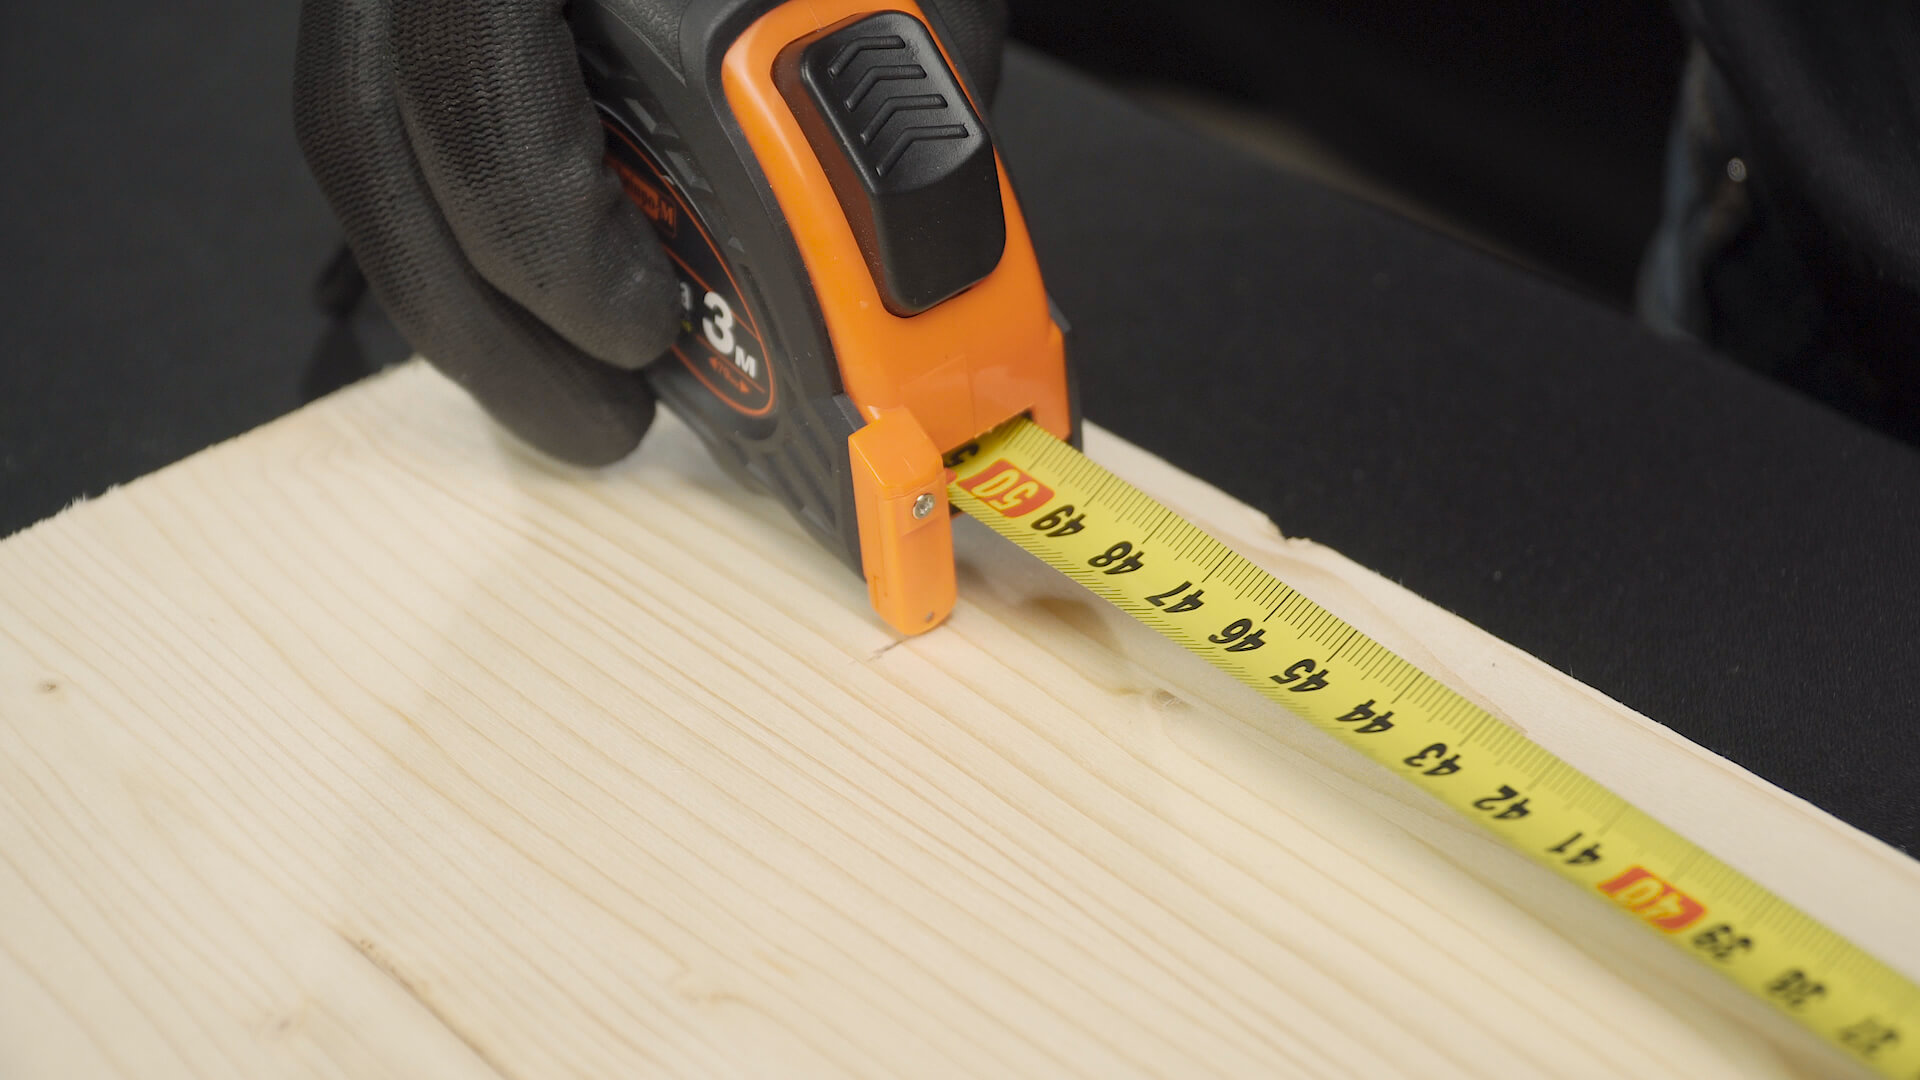 Фото-инструкция по изготовлению подноса своими руками - Шаг 3